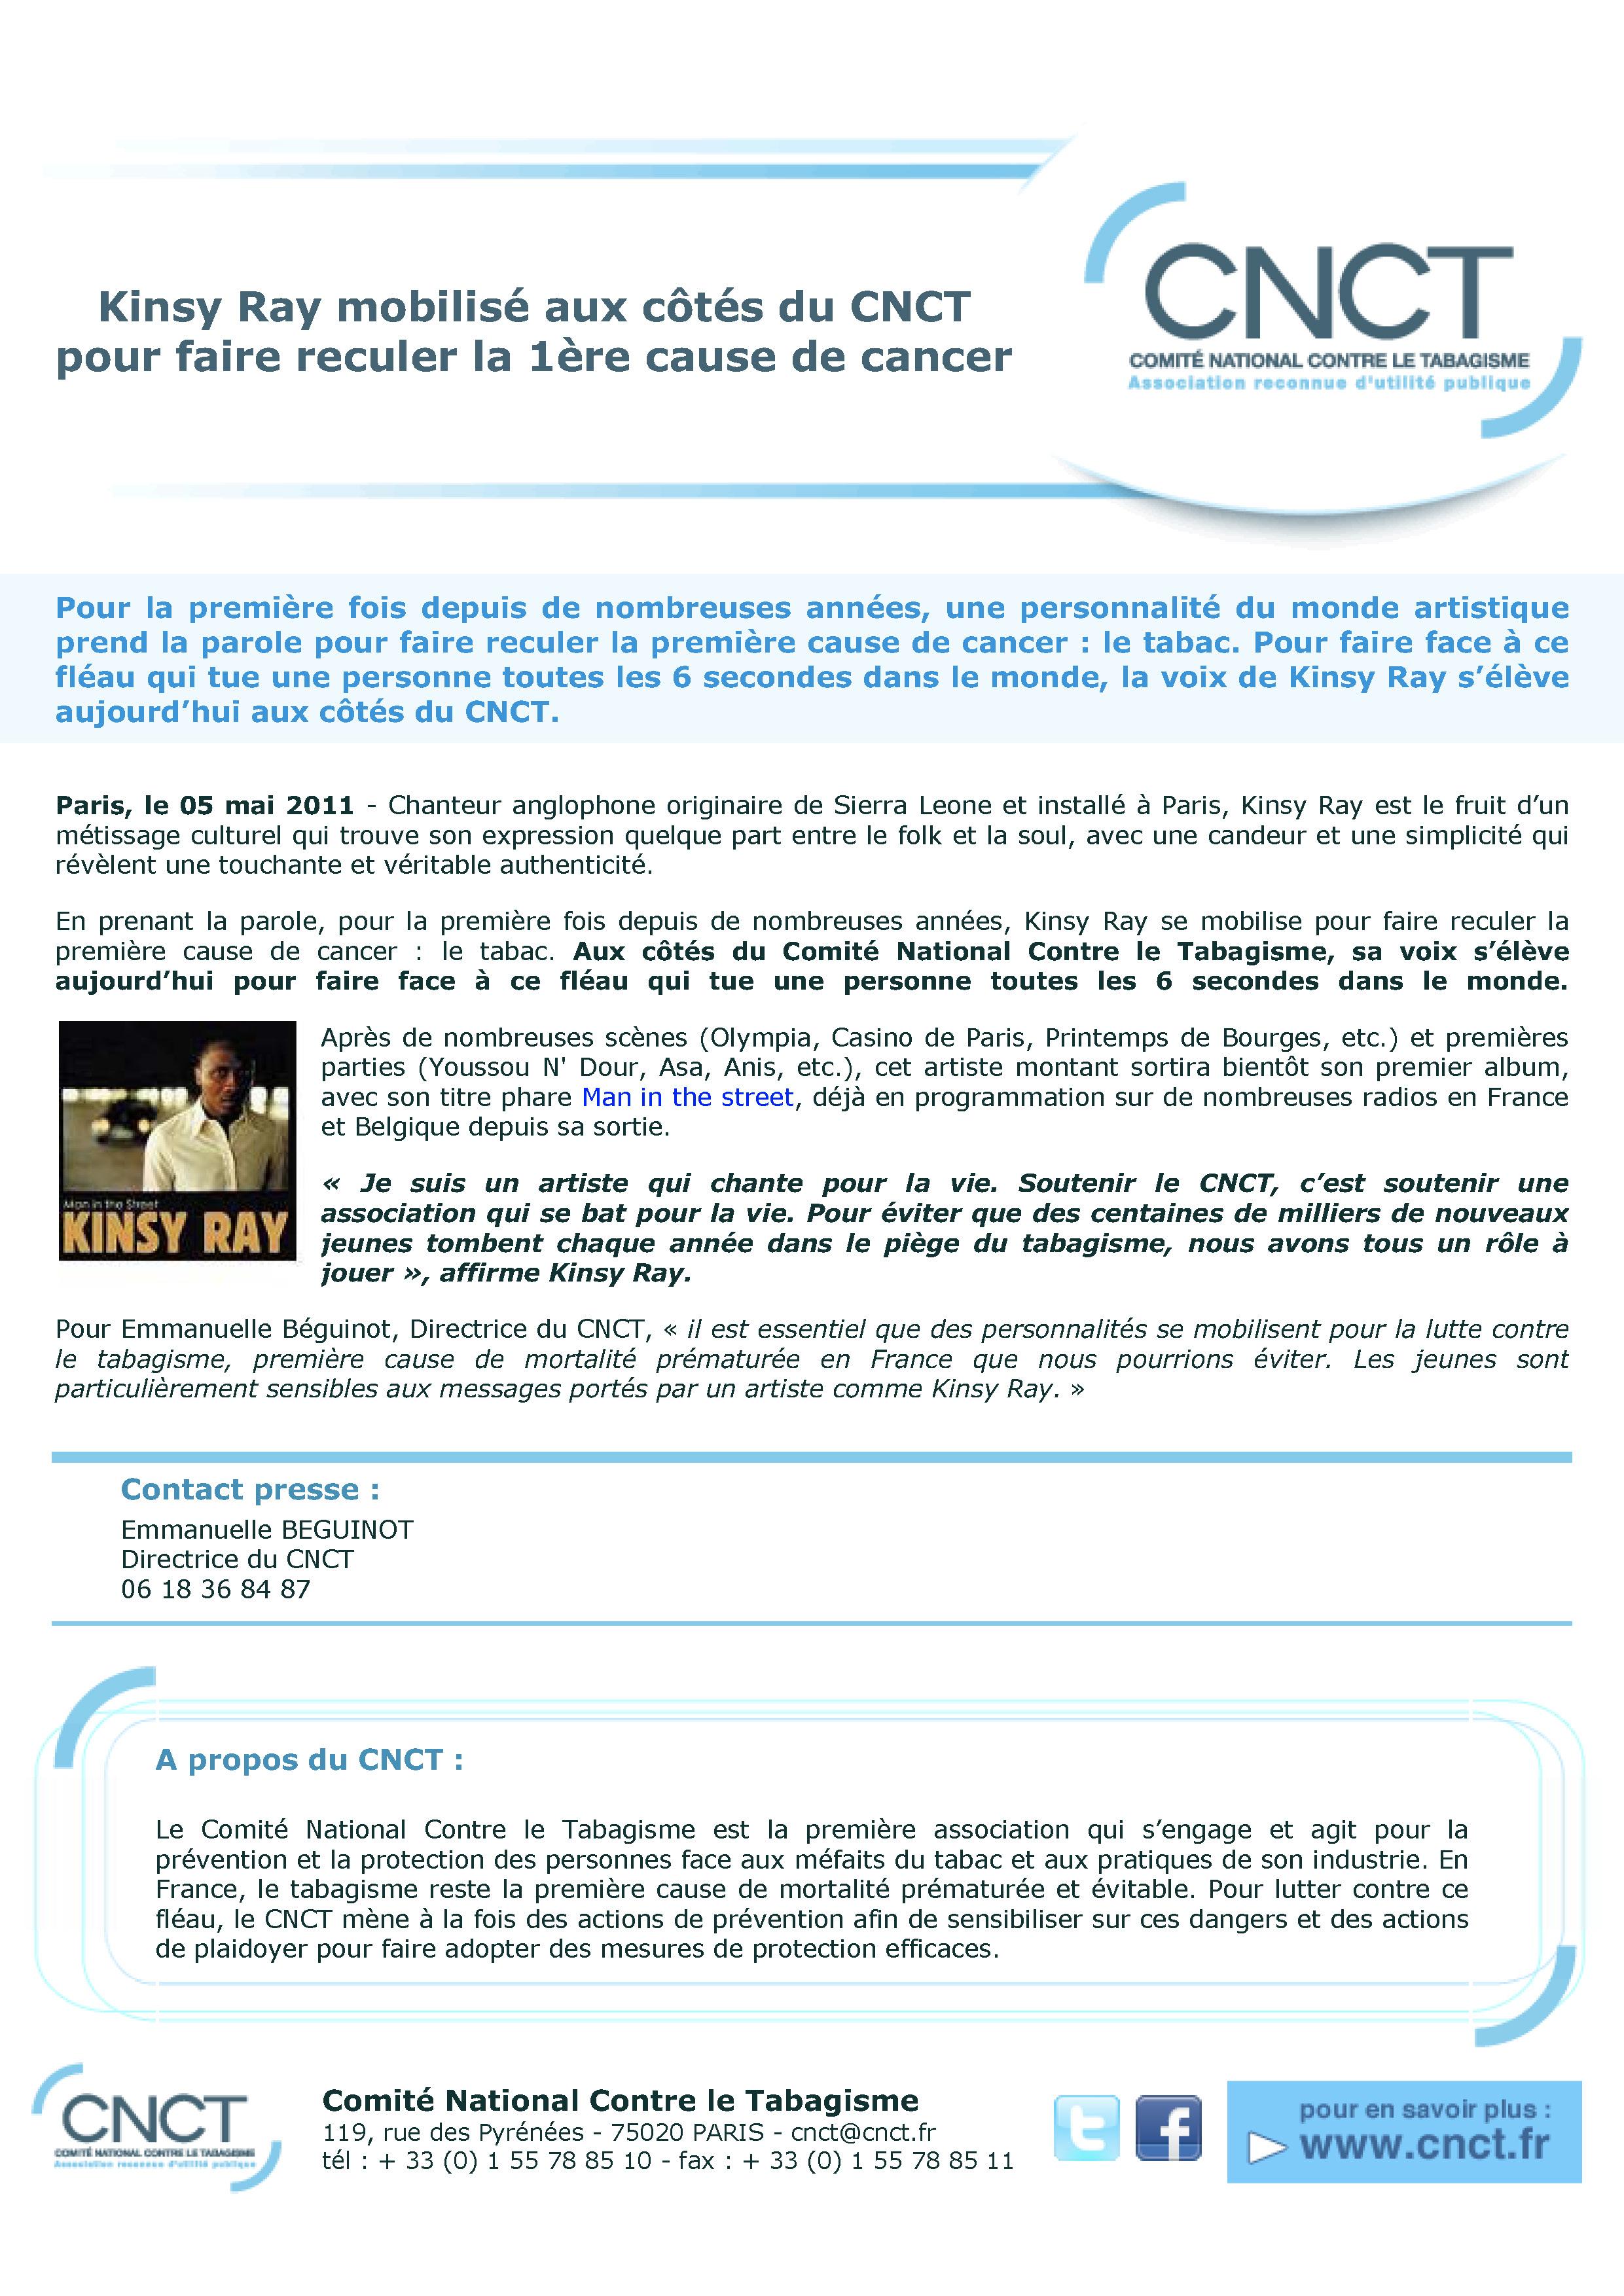 CNCT-CP_Kinsy-Ray-mobilise-pour-faire-reculer-la-1ere-cause-de-cancer-05mai2011.jpg